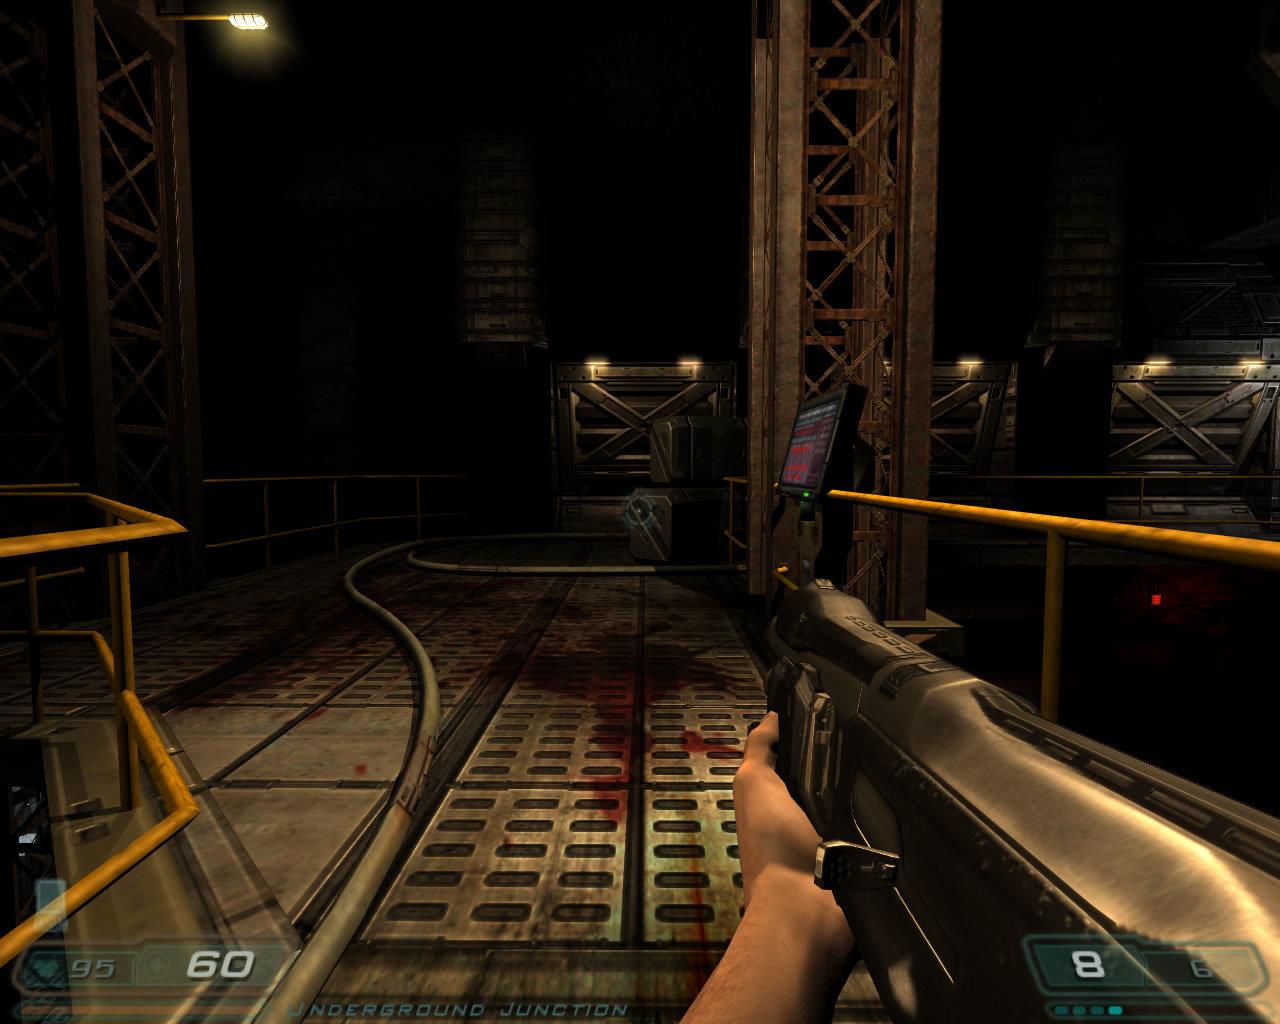 Doom 3 Ultra Quality w/ 4x AA